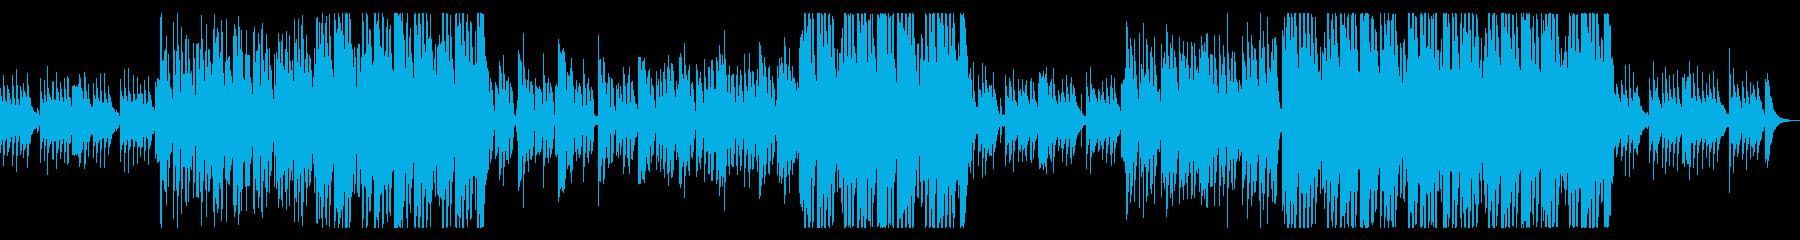 切ない洋楽風のシンセポップな曲の再生済みの波形